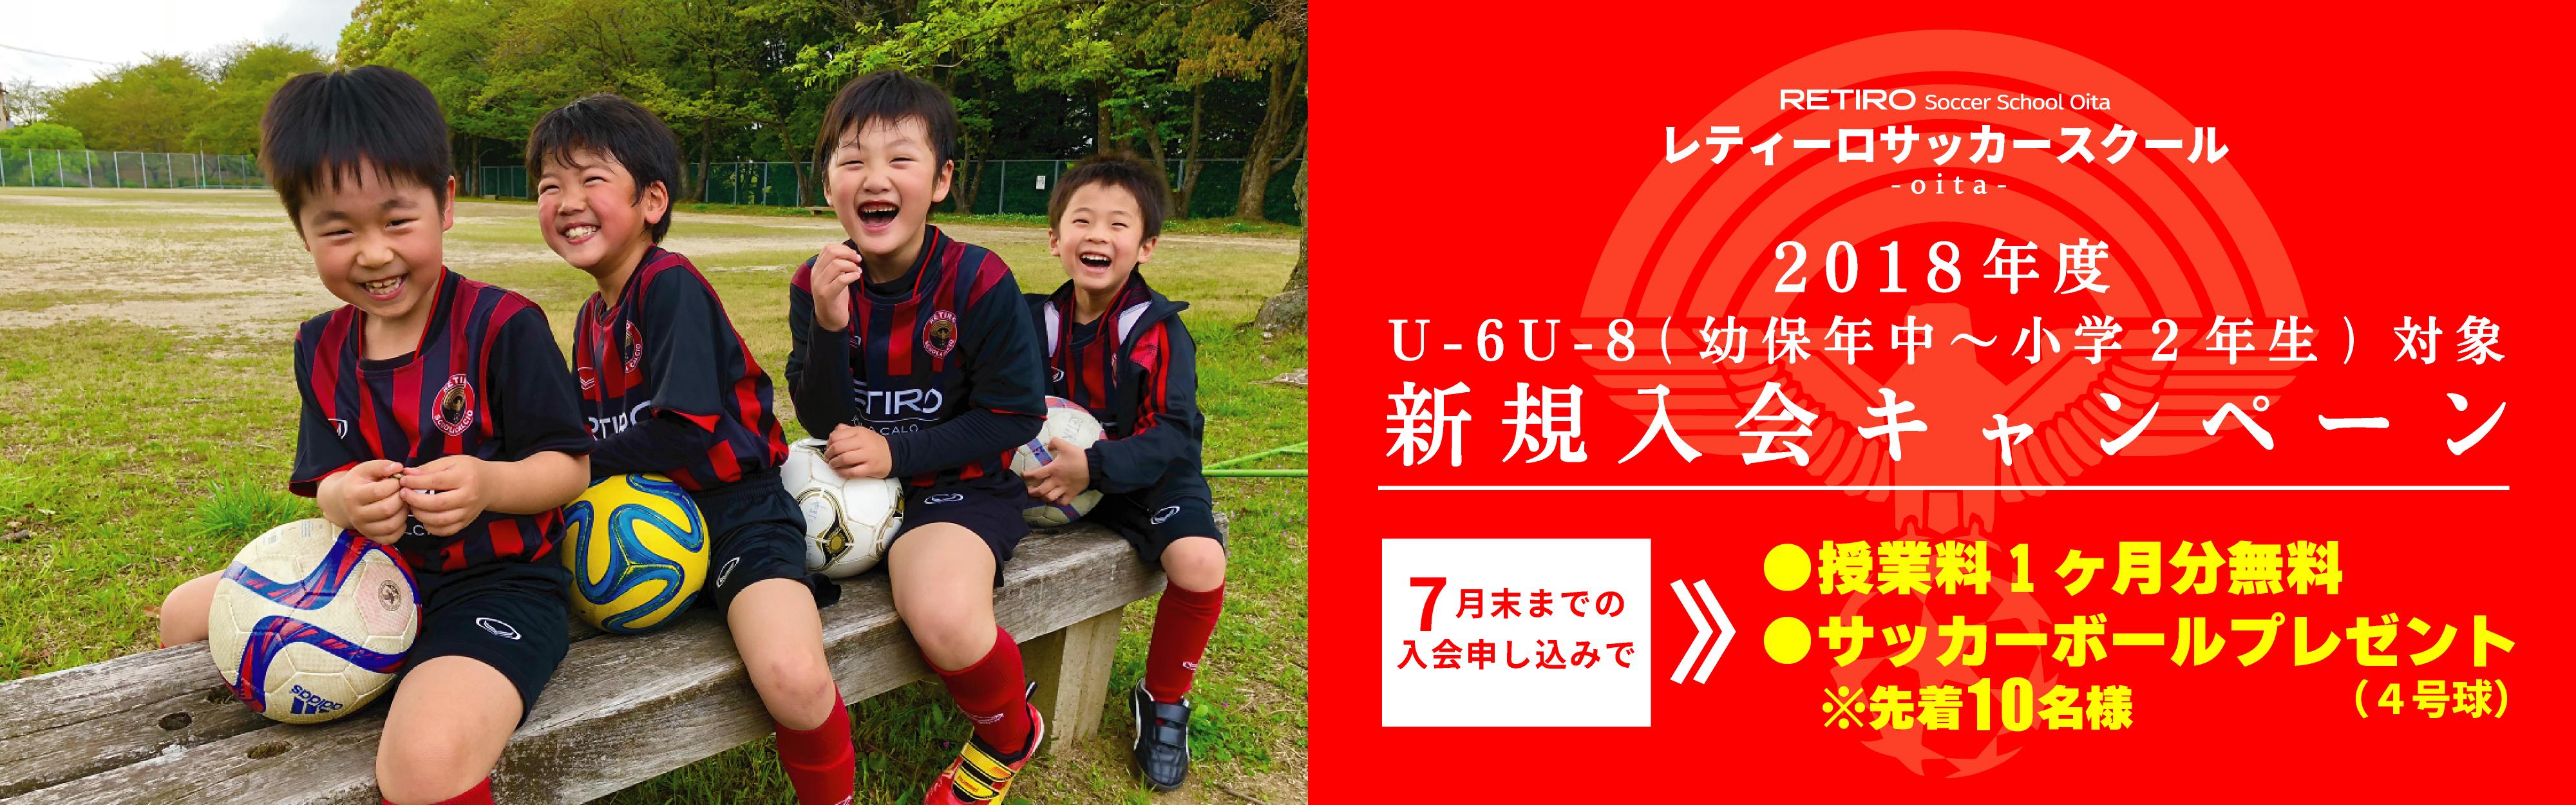 2018年度 U-6 U-8(幼保年中~小学2年生)新規入会キャンペーンのご案内(レティーロサッカースクール)